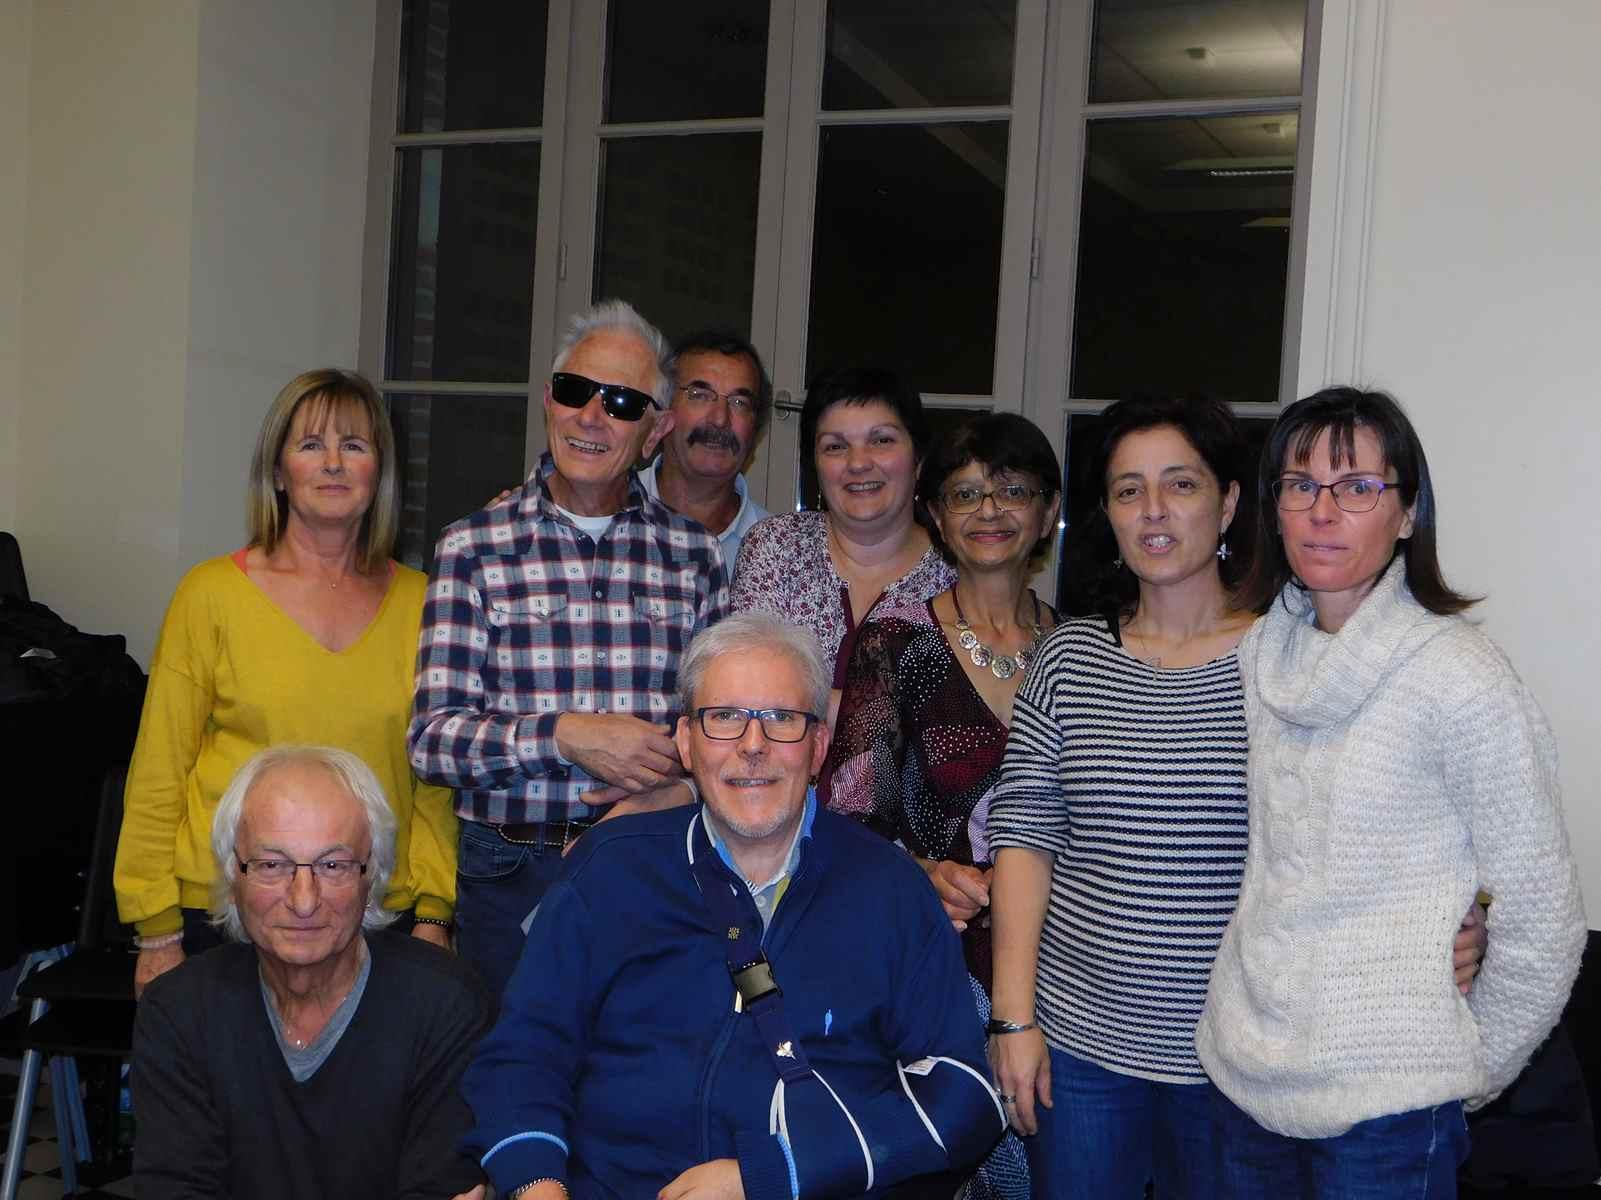 Le 2 Novembre 2018,Joyeux Anniversaire à Chantal,Christelle,Christiane,Joelle,Sandrine,Frédéric,Jacques,Patrick,Yvon